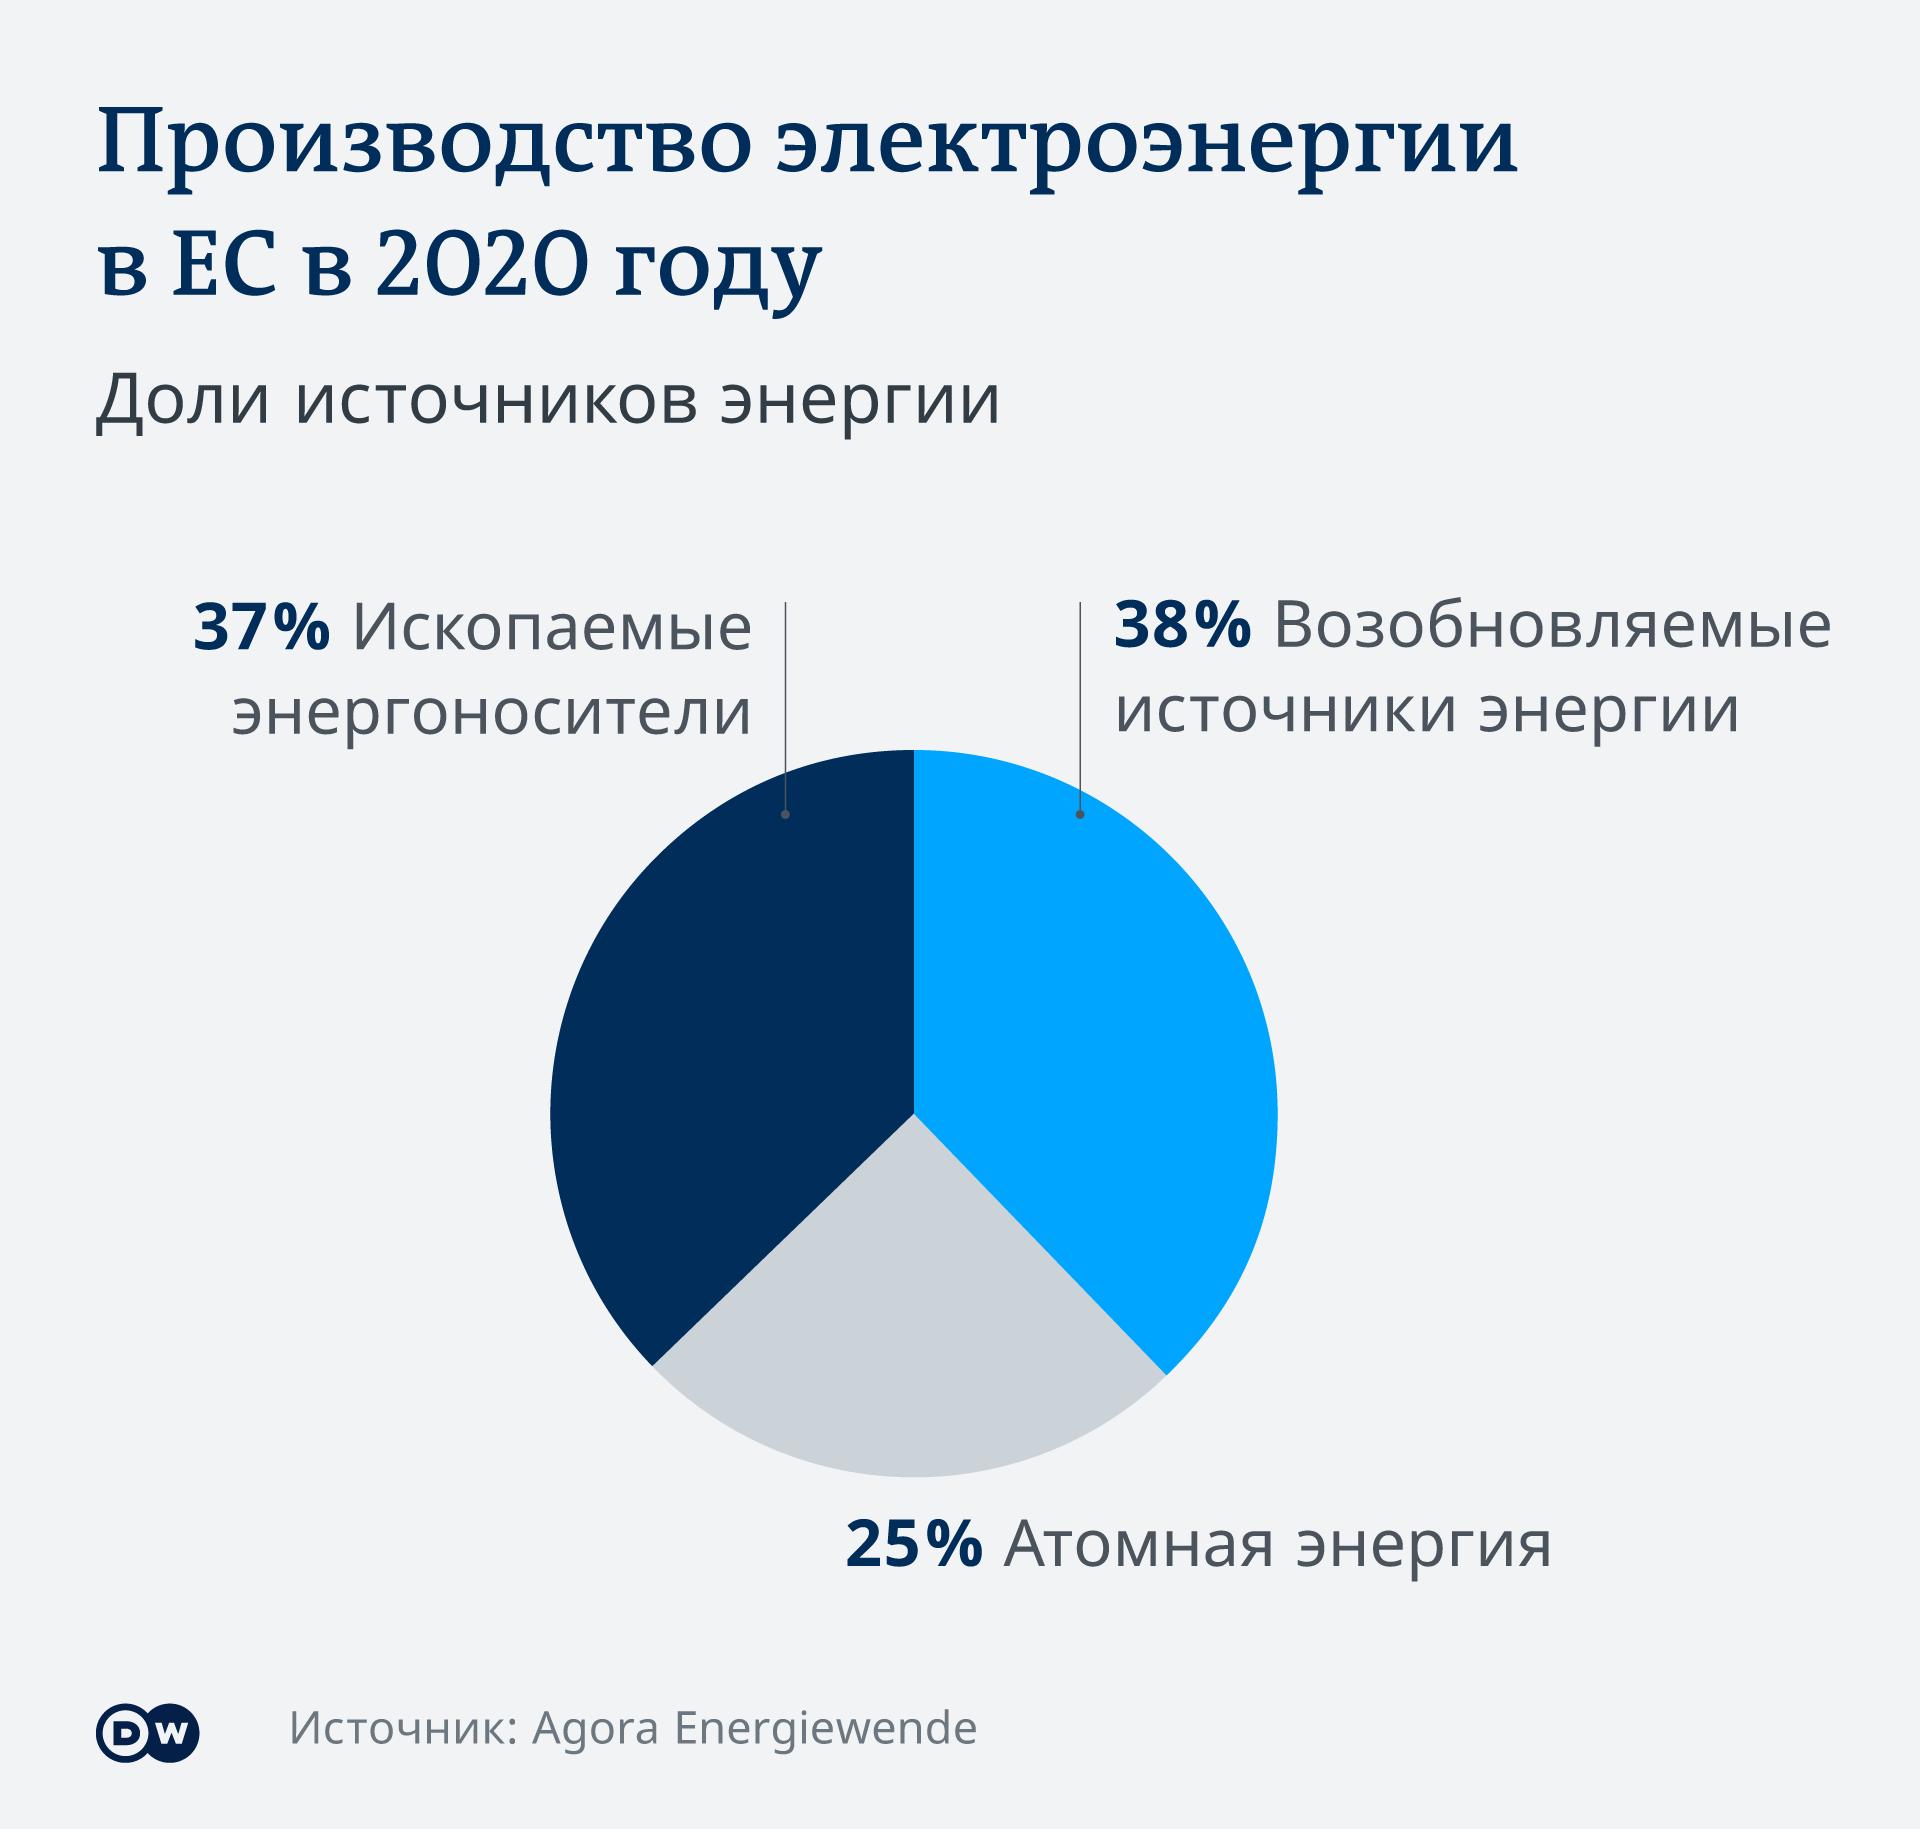 Инфографика Производство электроэнергии в ЕС в 2020 году